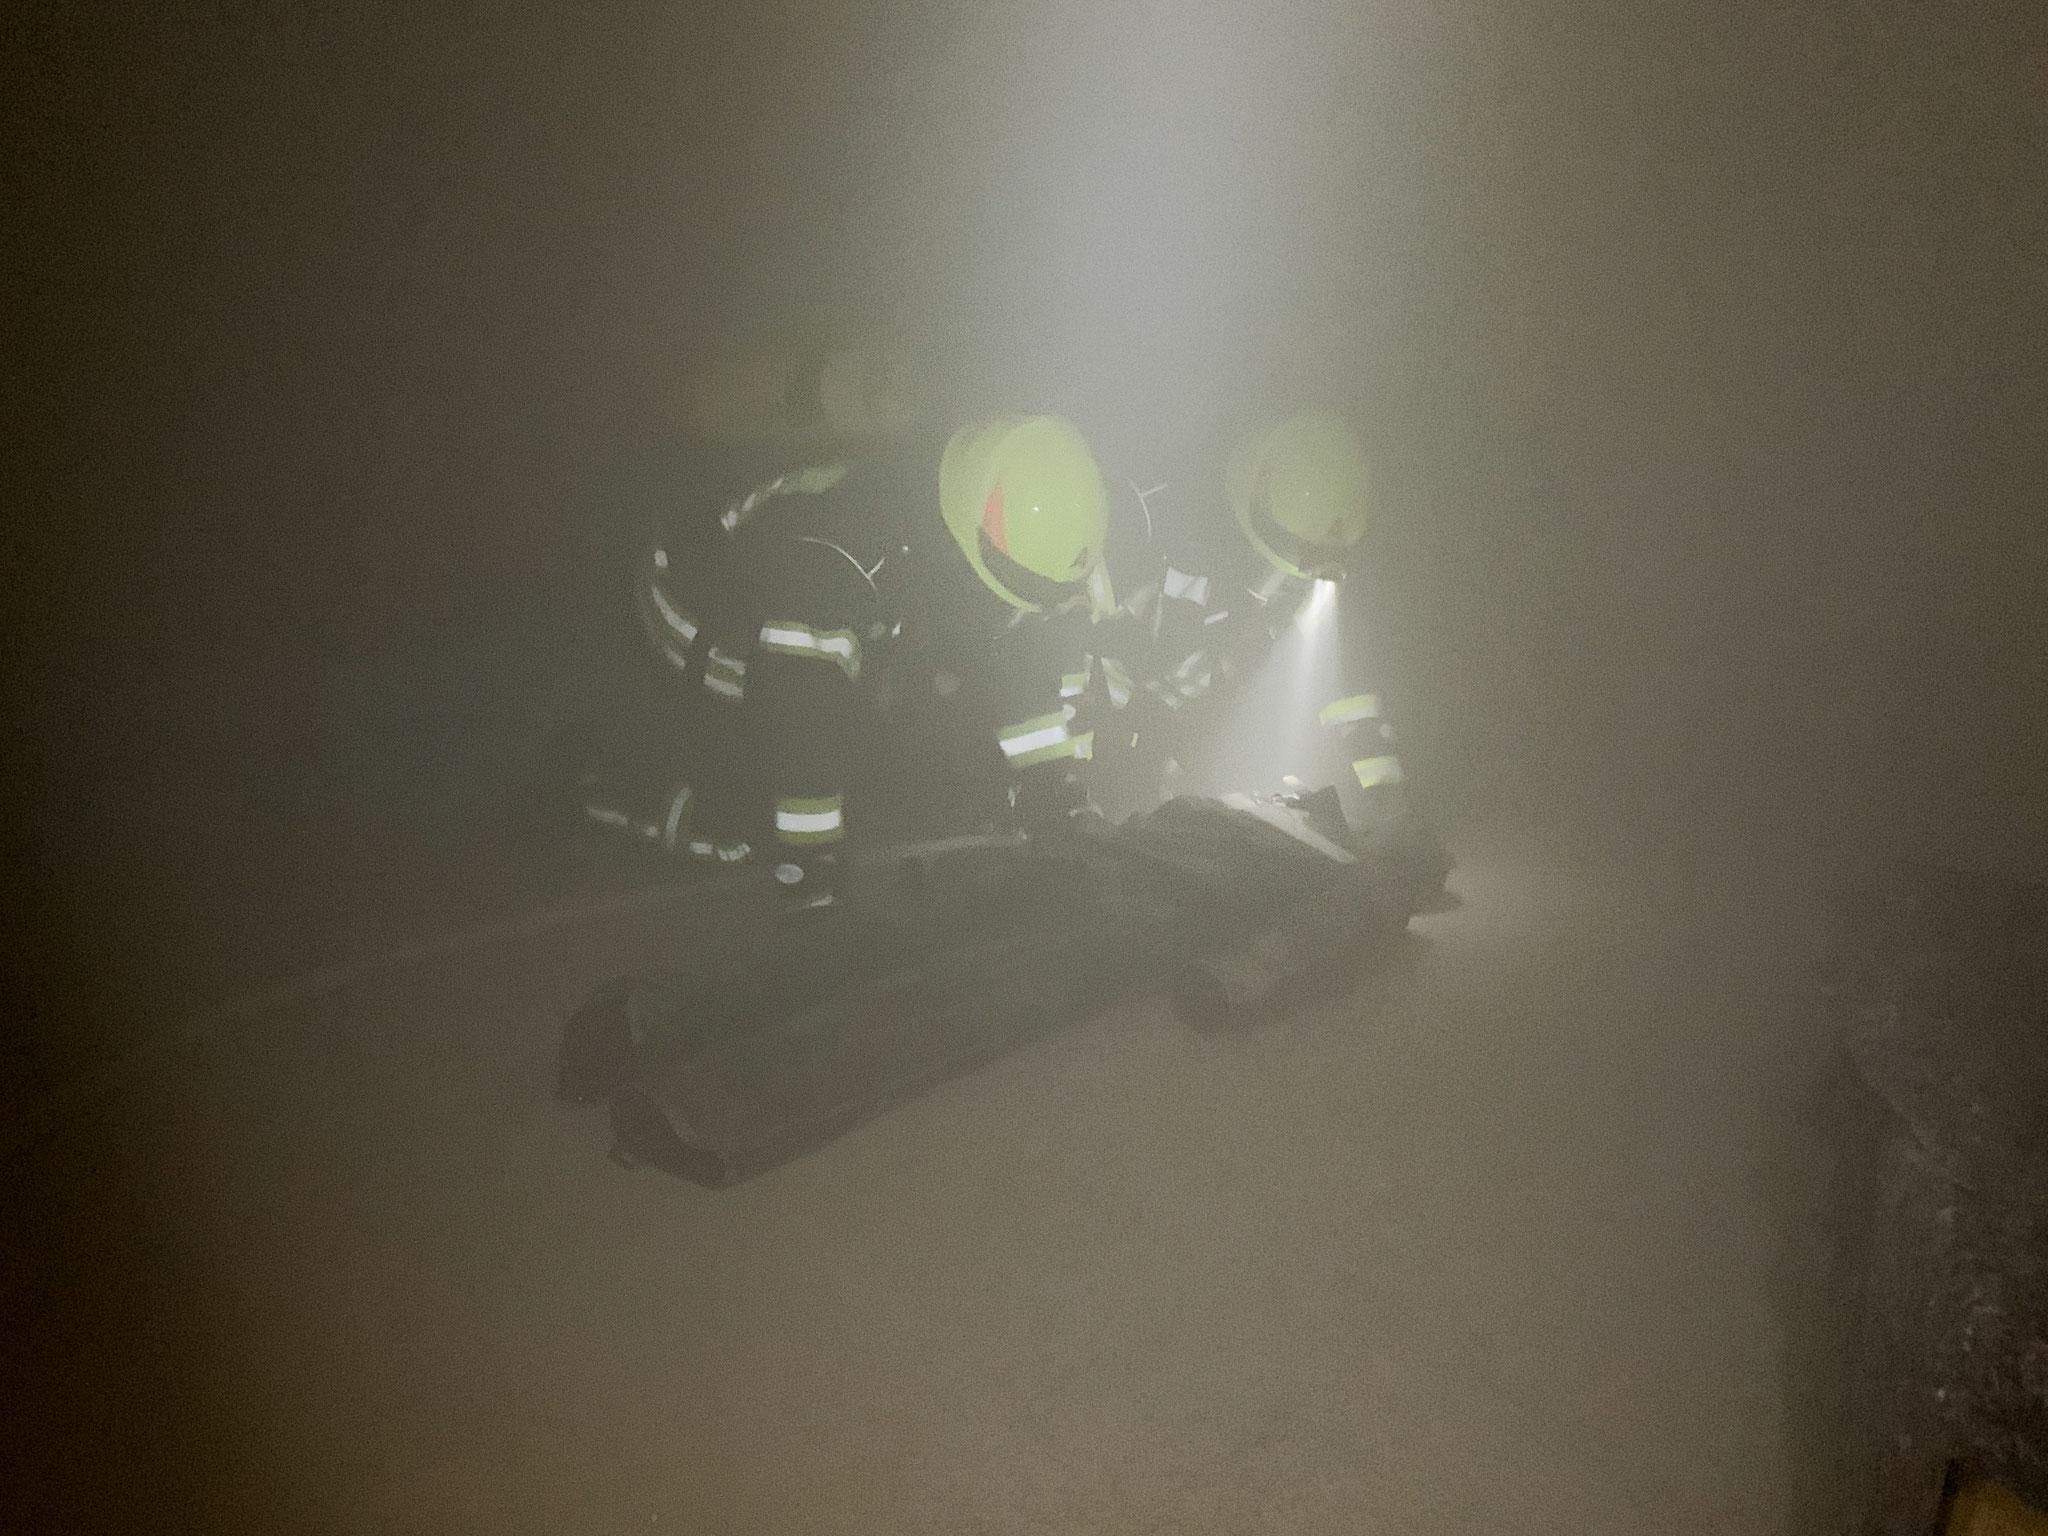 Feuerwehr Ermengerst